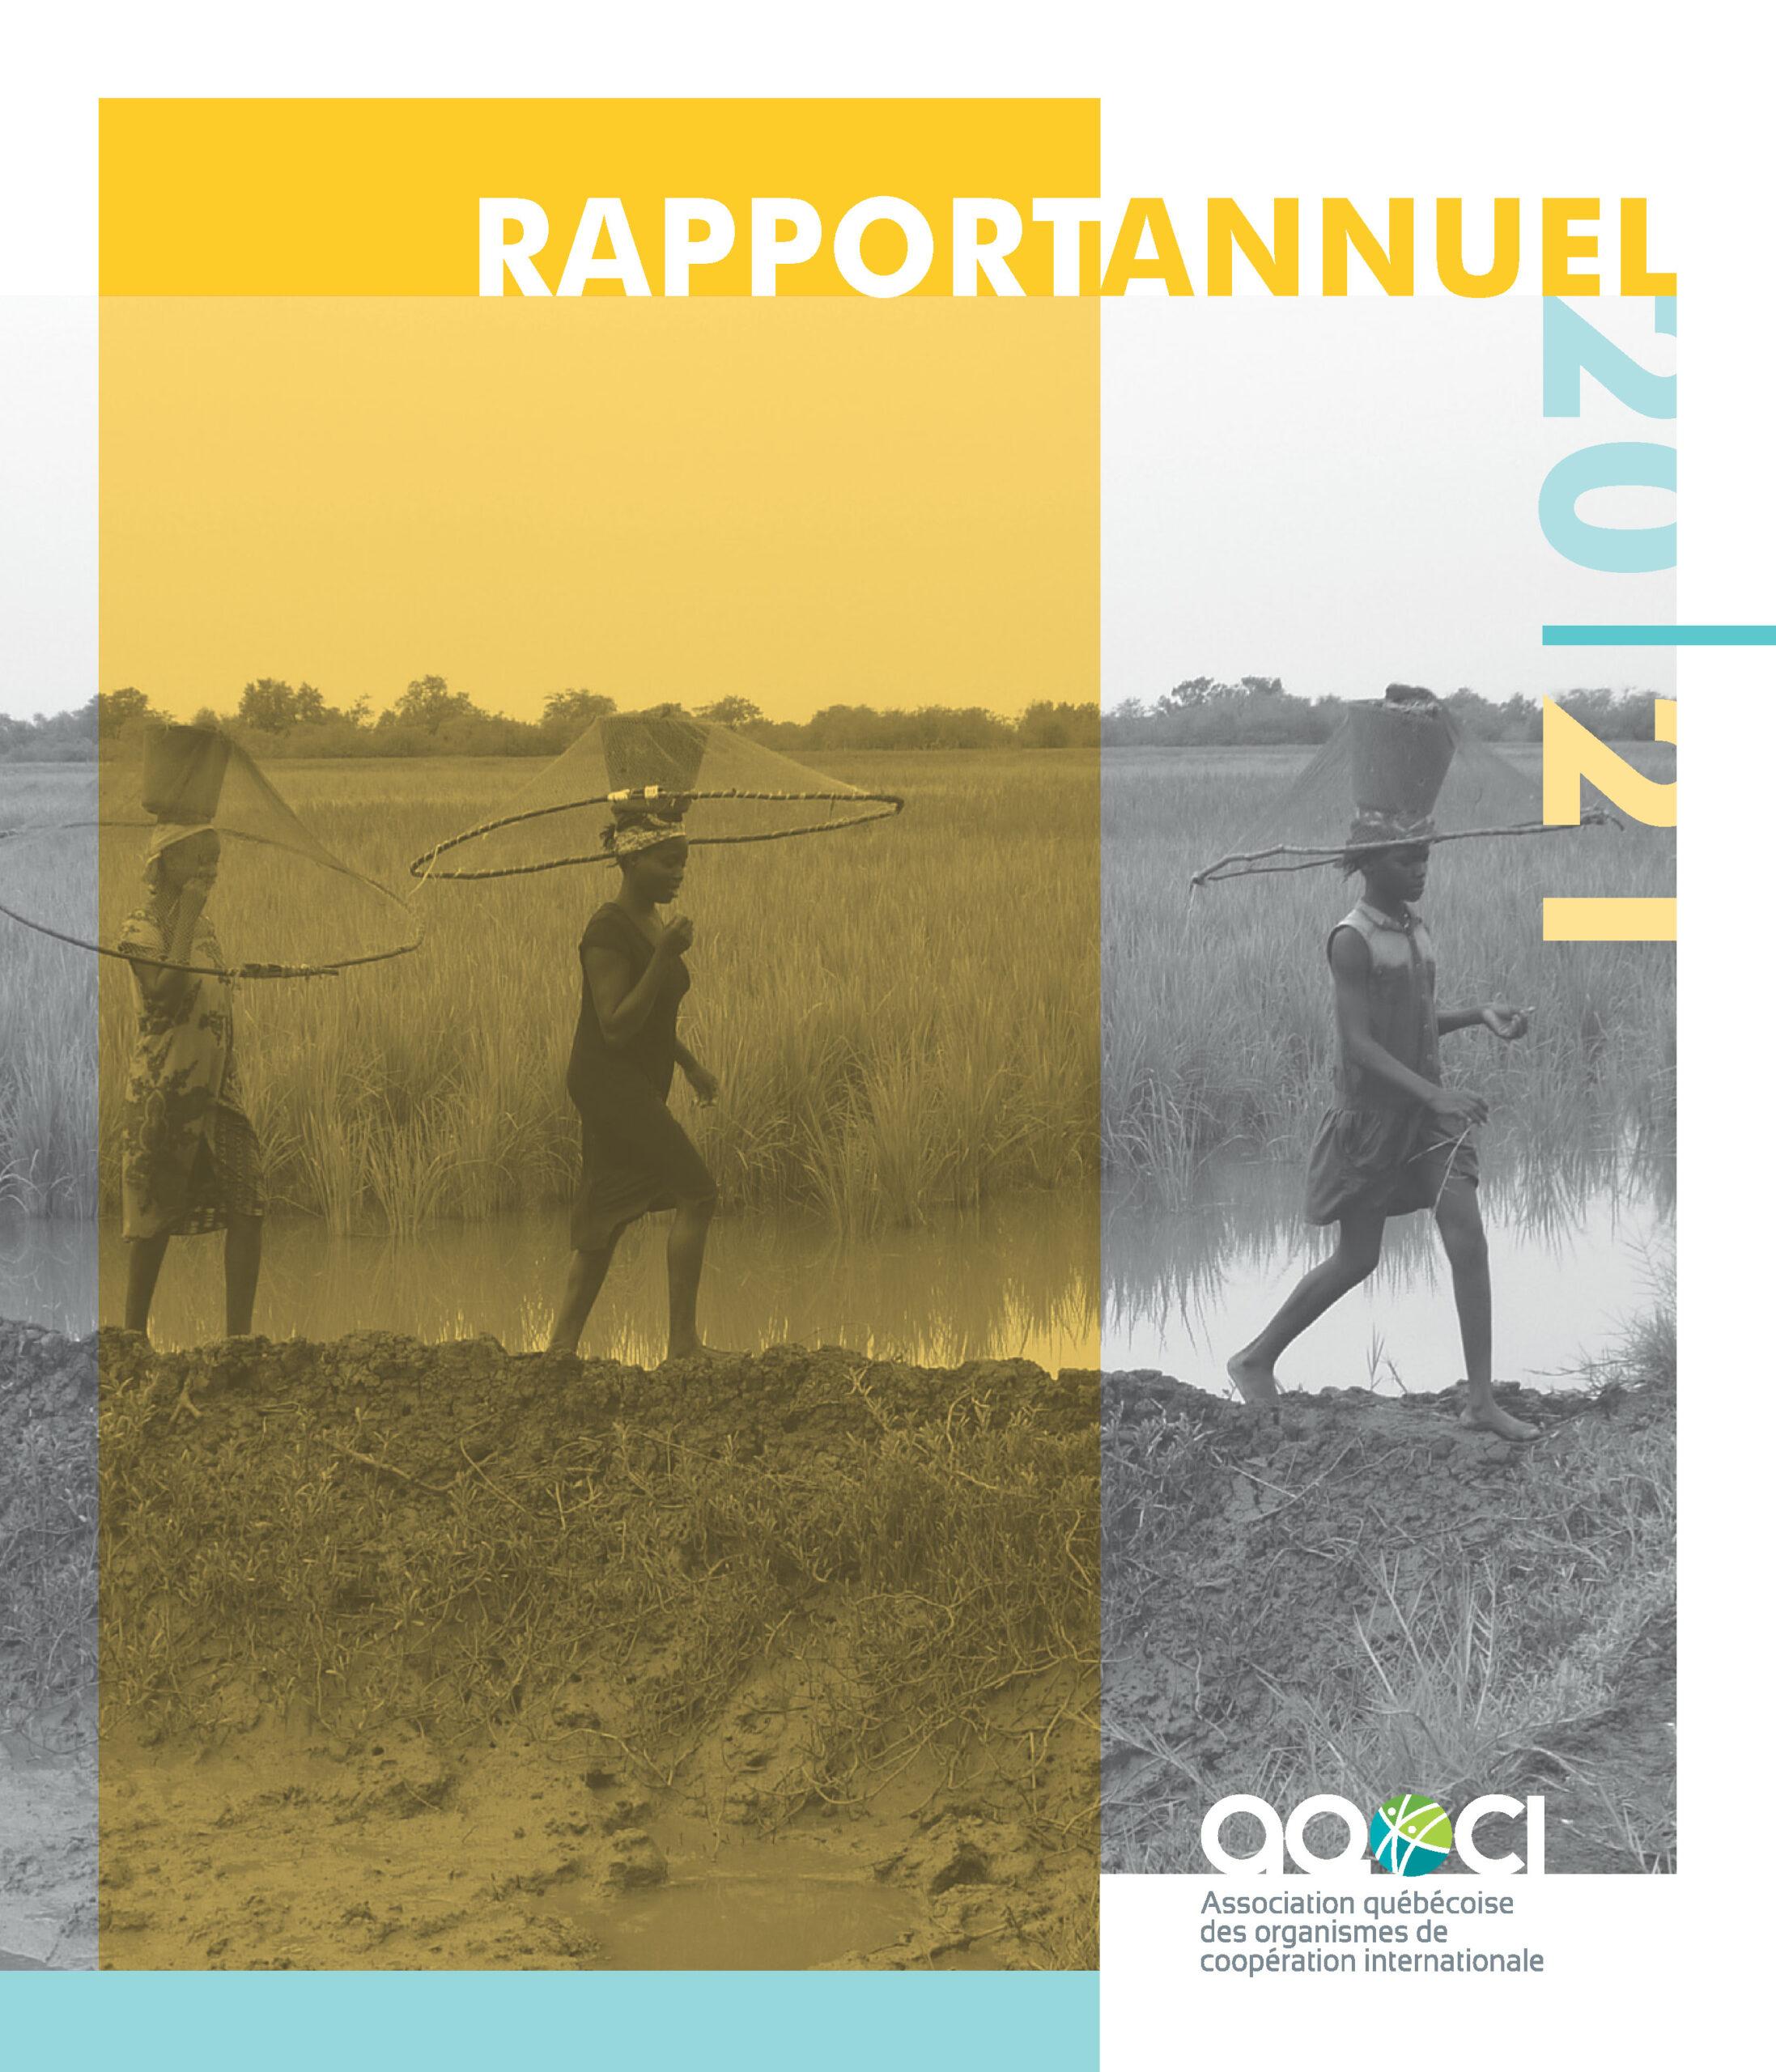 Rapport annuel de l'AQOCI 2020-2021